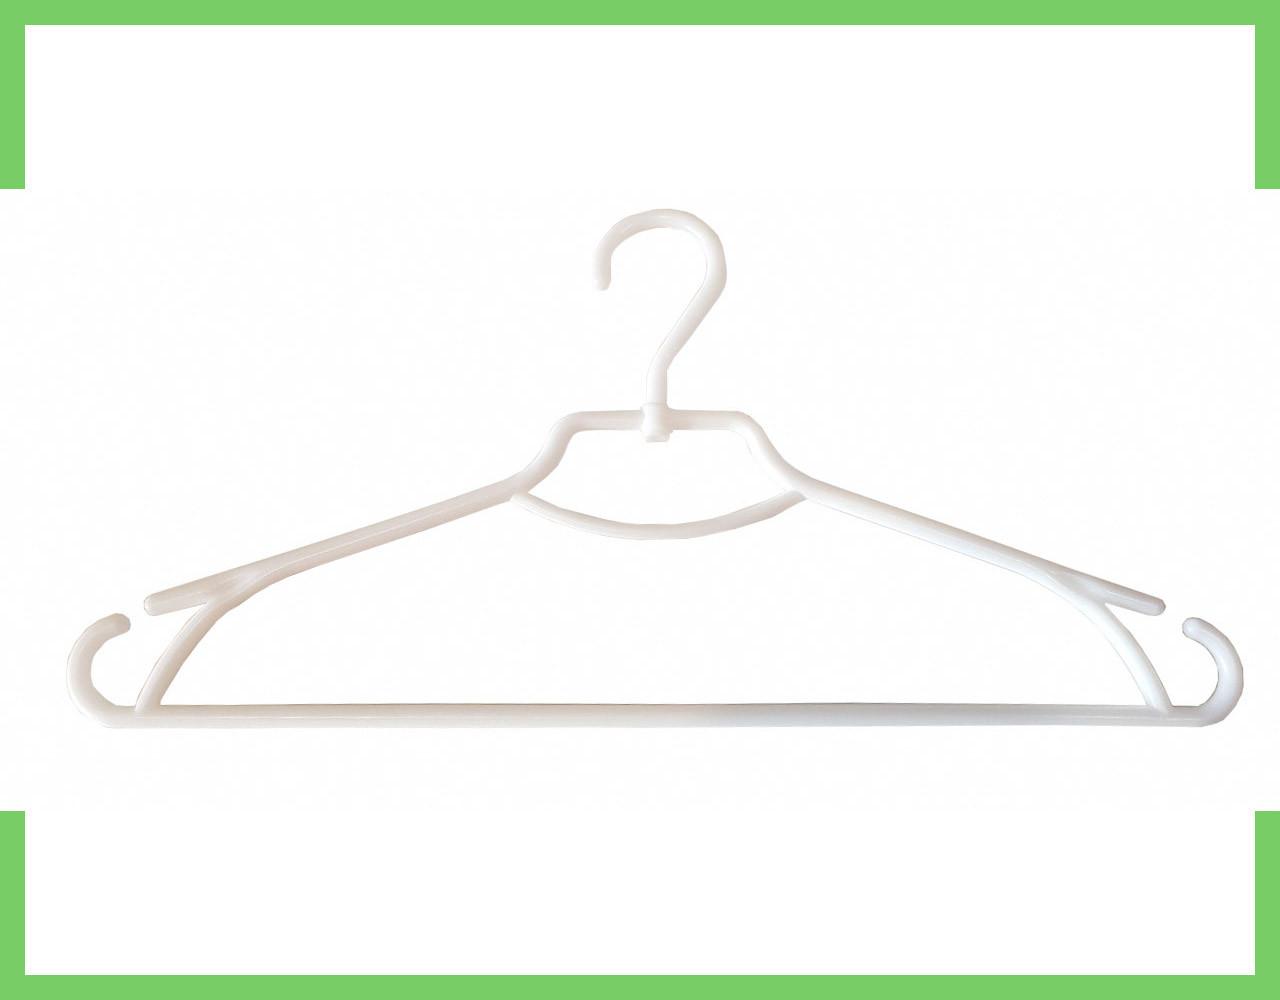 """Вешалка плечики пластмассовые для одежды """"Лиза"""" Украина 43 см (Черный,Белый)"""